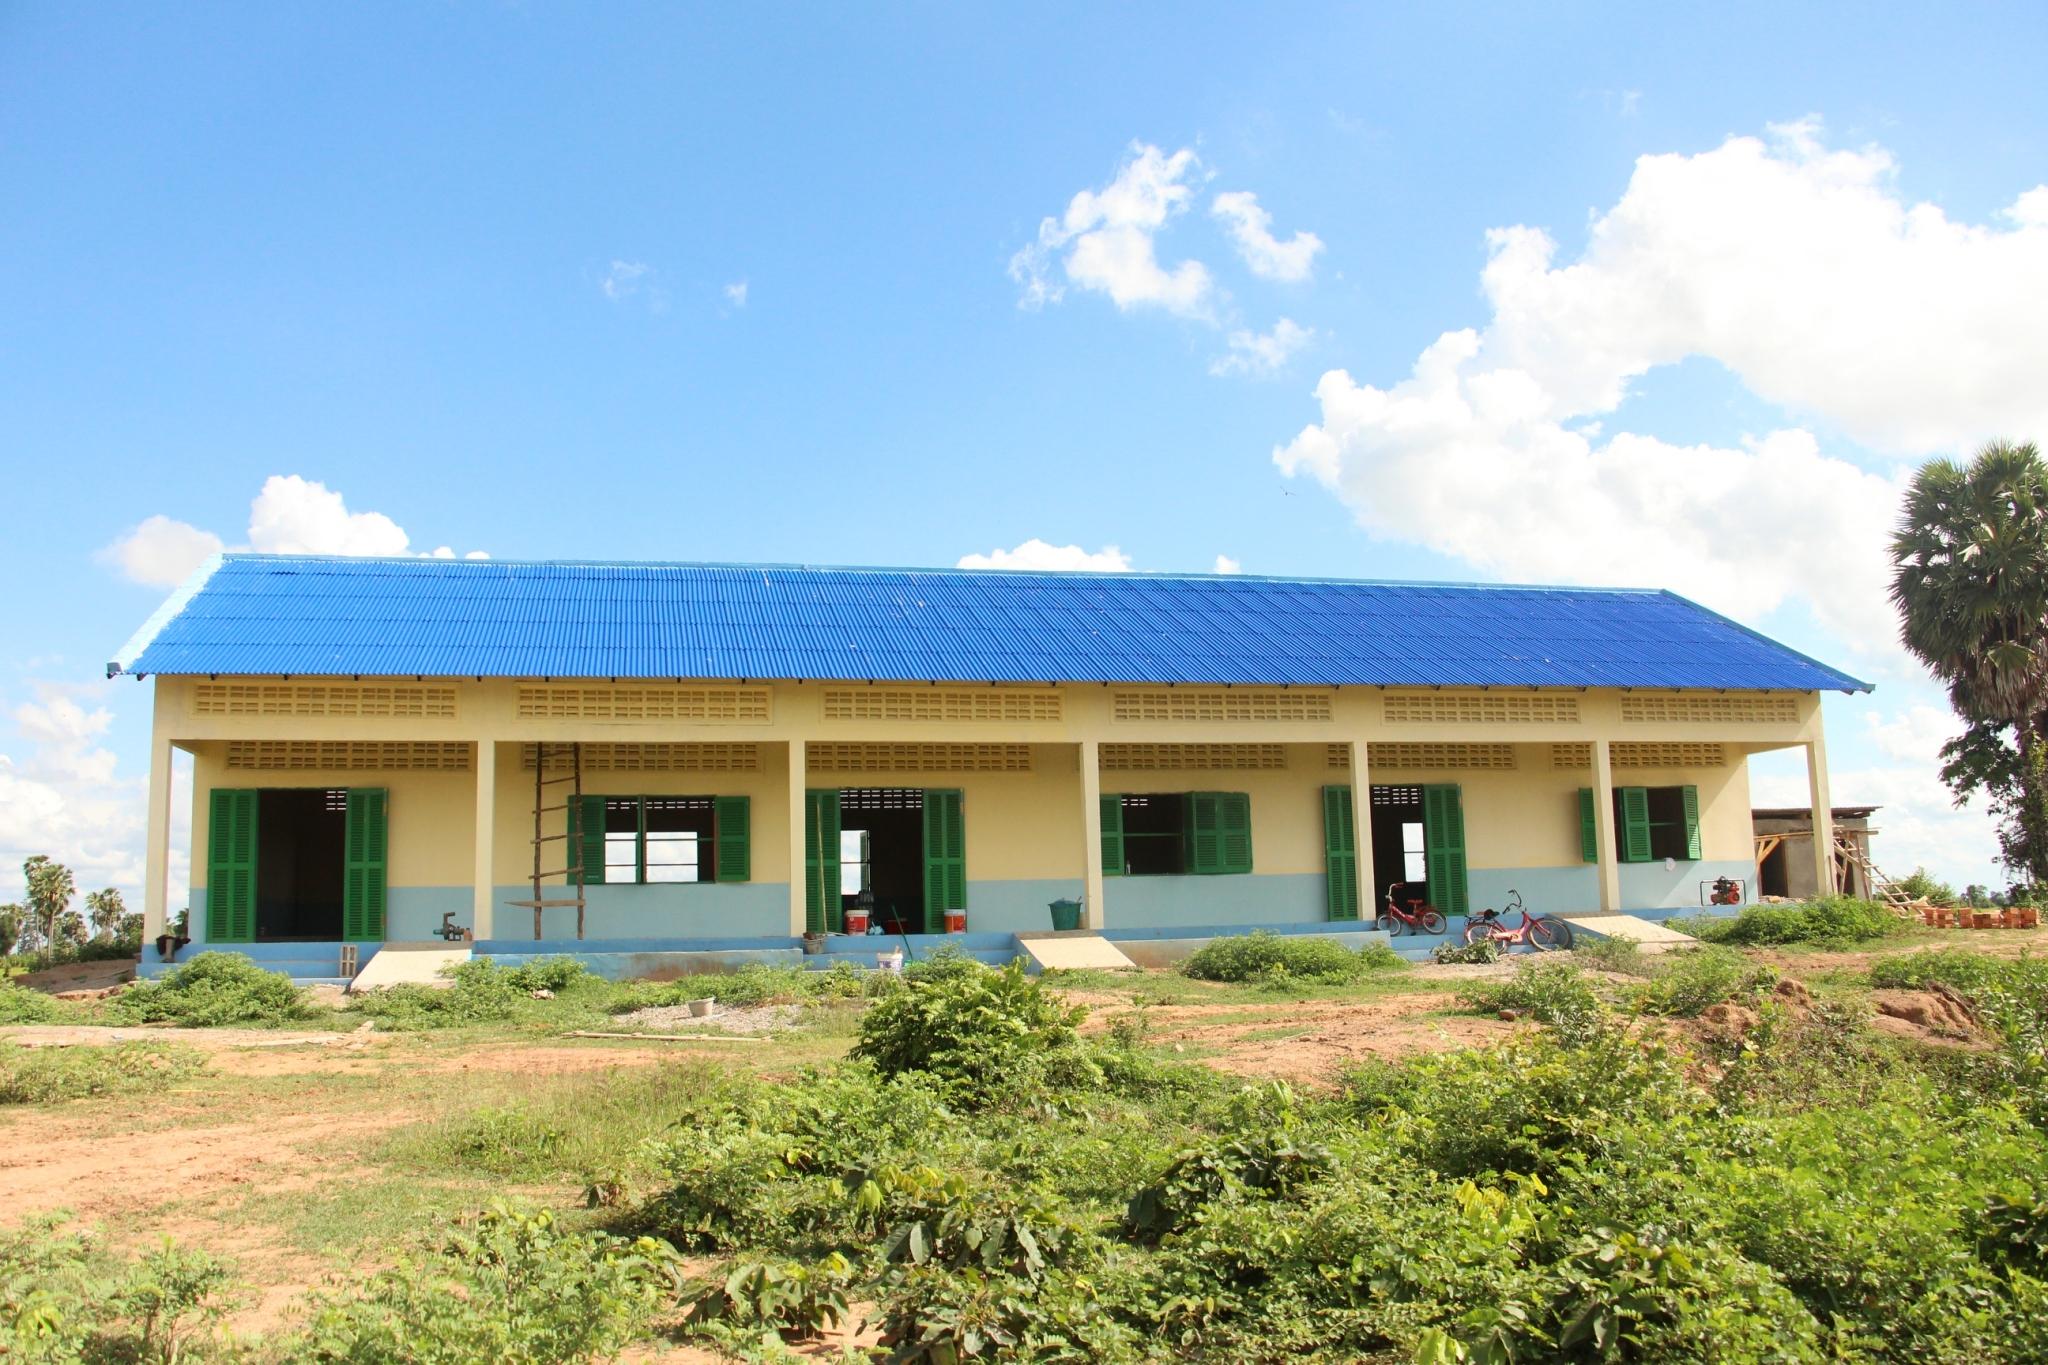 カンボジア小学校建設活動状況(2016年8月現在)